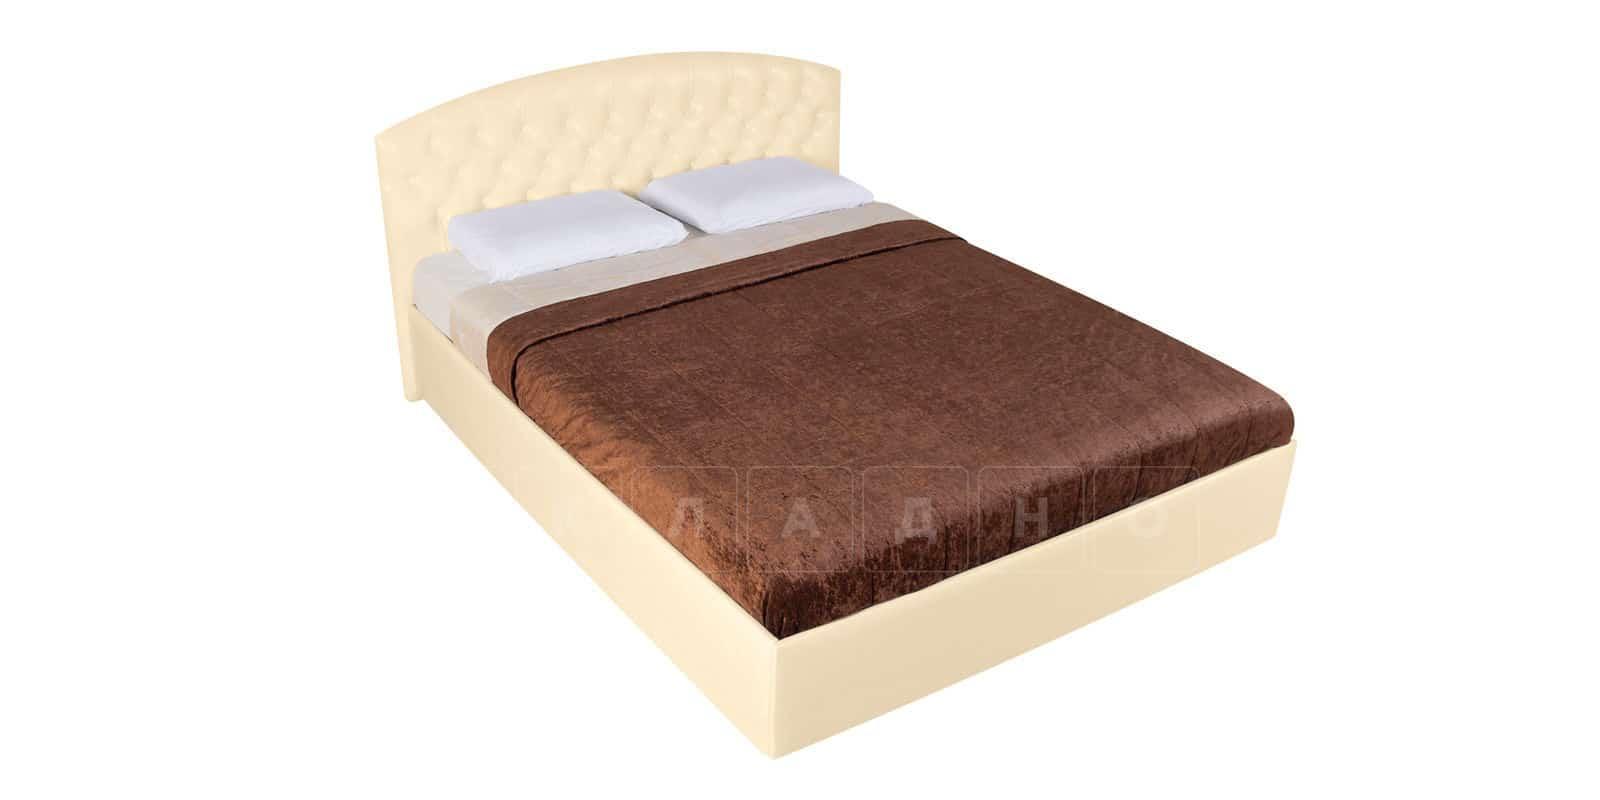 Мягкая кровать Малибу 160см экокожа бежевого цвета вариант 1-2 фото 5 | интернет-магазин Складно